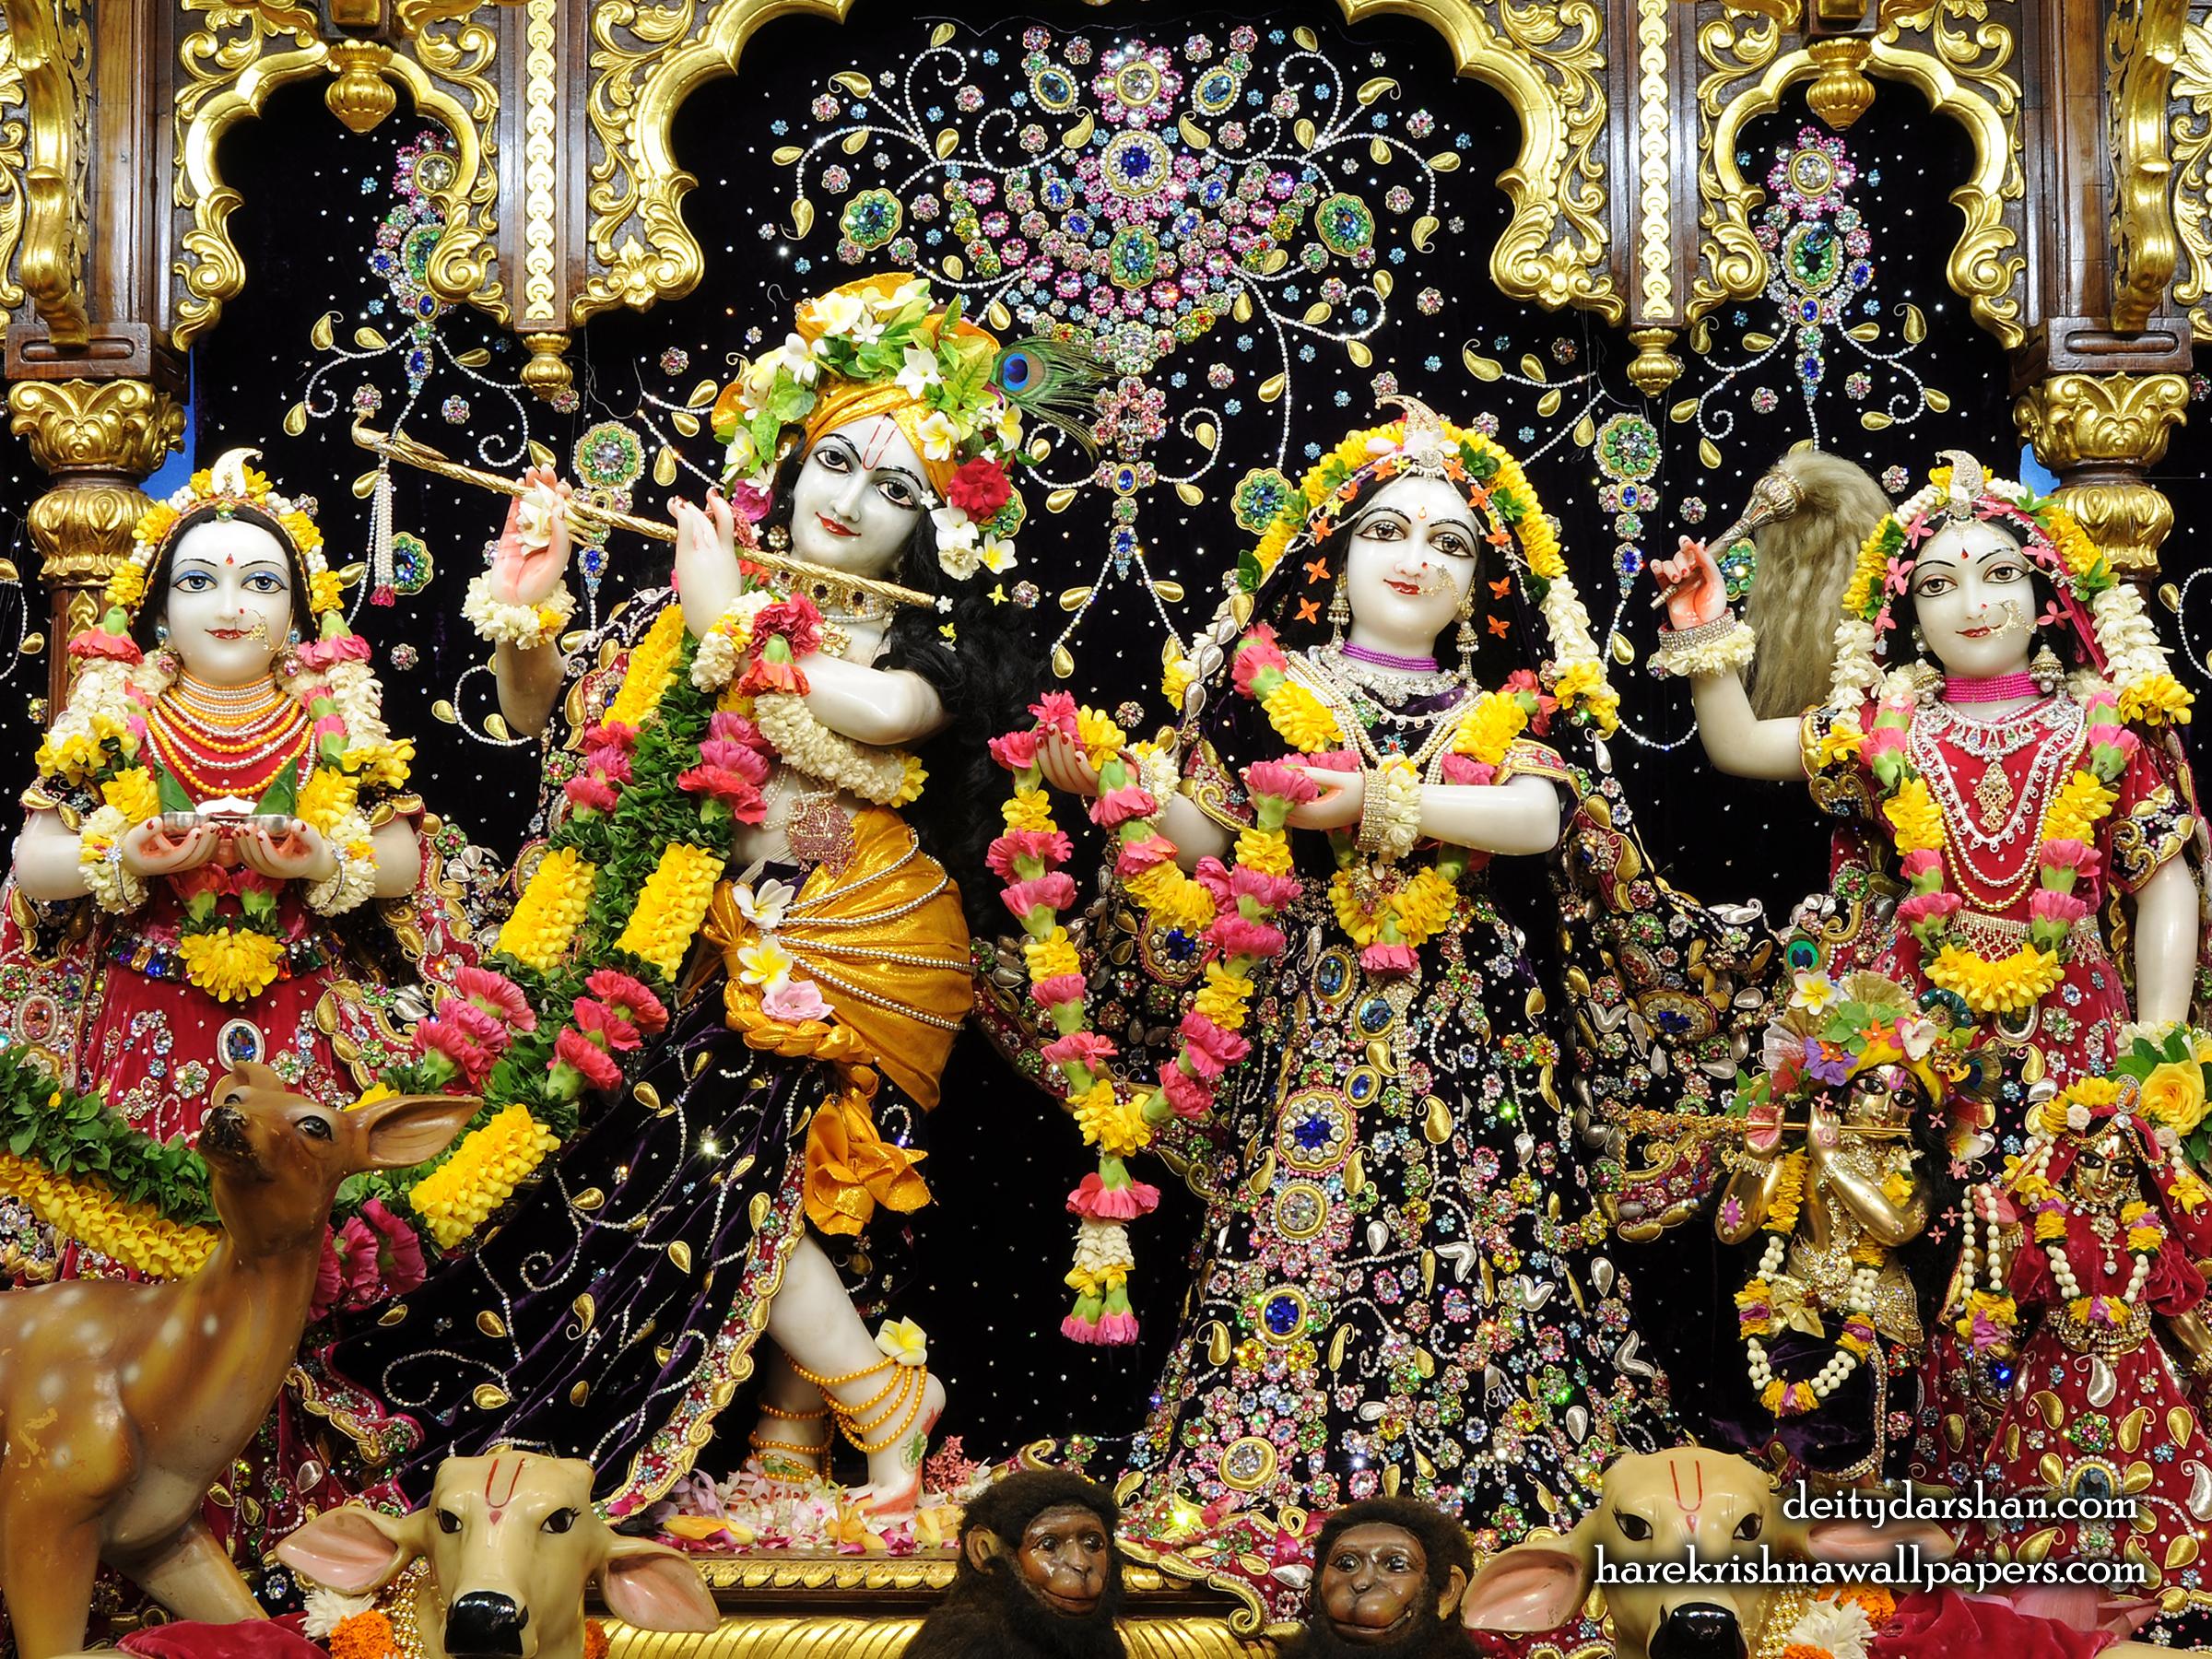 Sri Sri Radha Gopinath Lalita Vishakha Wallpaper (063) Size 2400x1800 Download